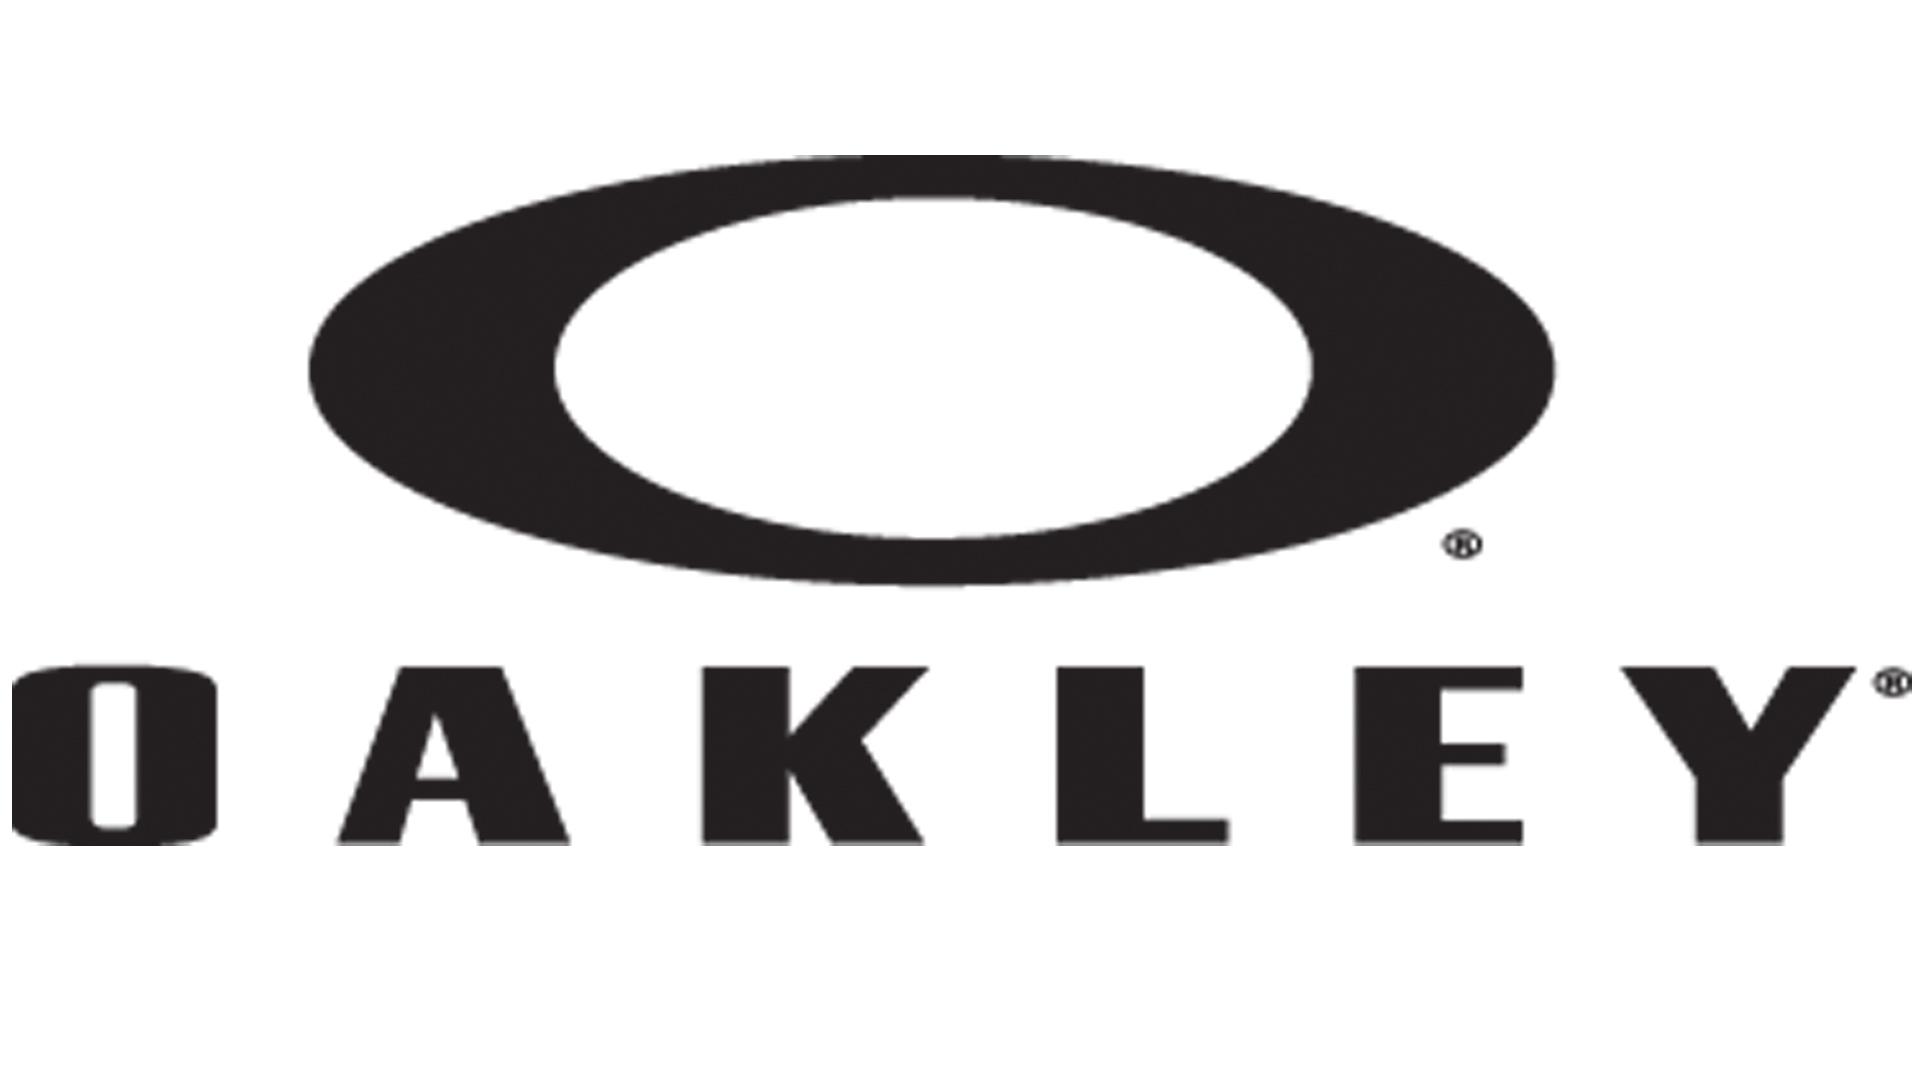 Oakley_logo.jpg